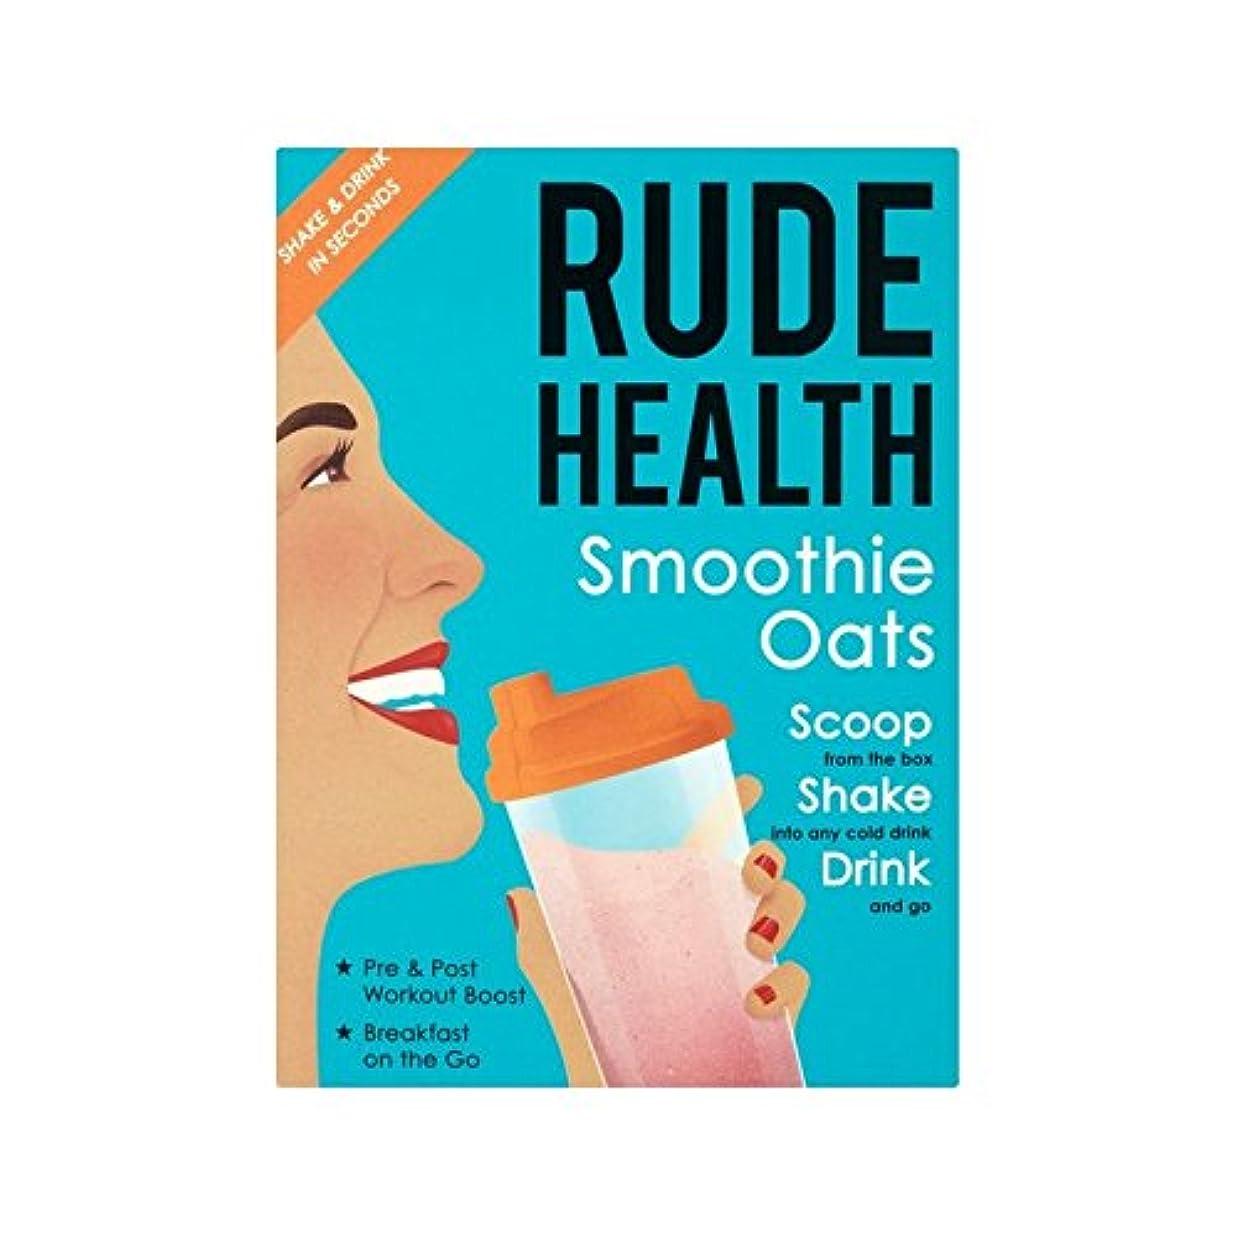 ビーズ優しさスムージーオート麦250グラム (Rude Health) - Rude Health Smoothie Oats 250g [並行輸入品]